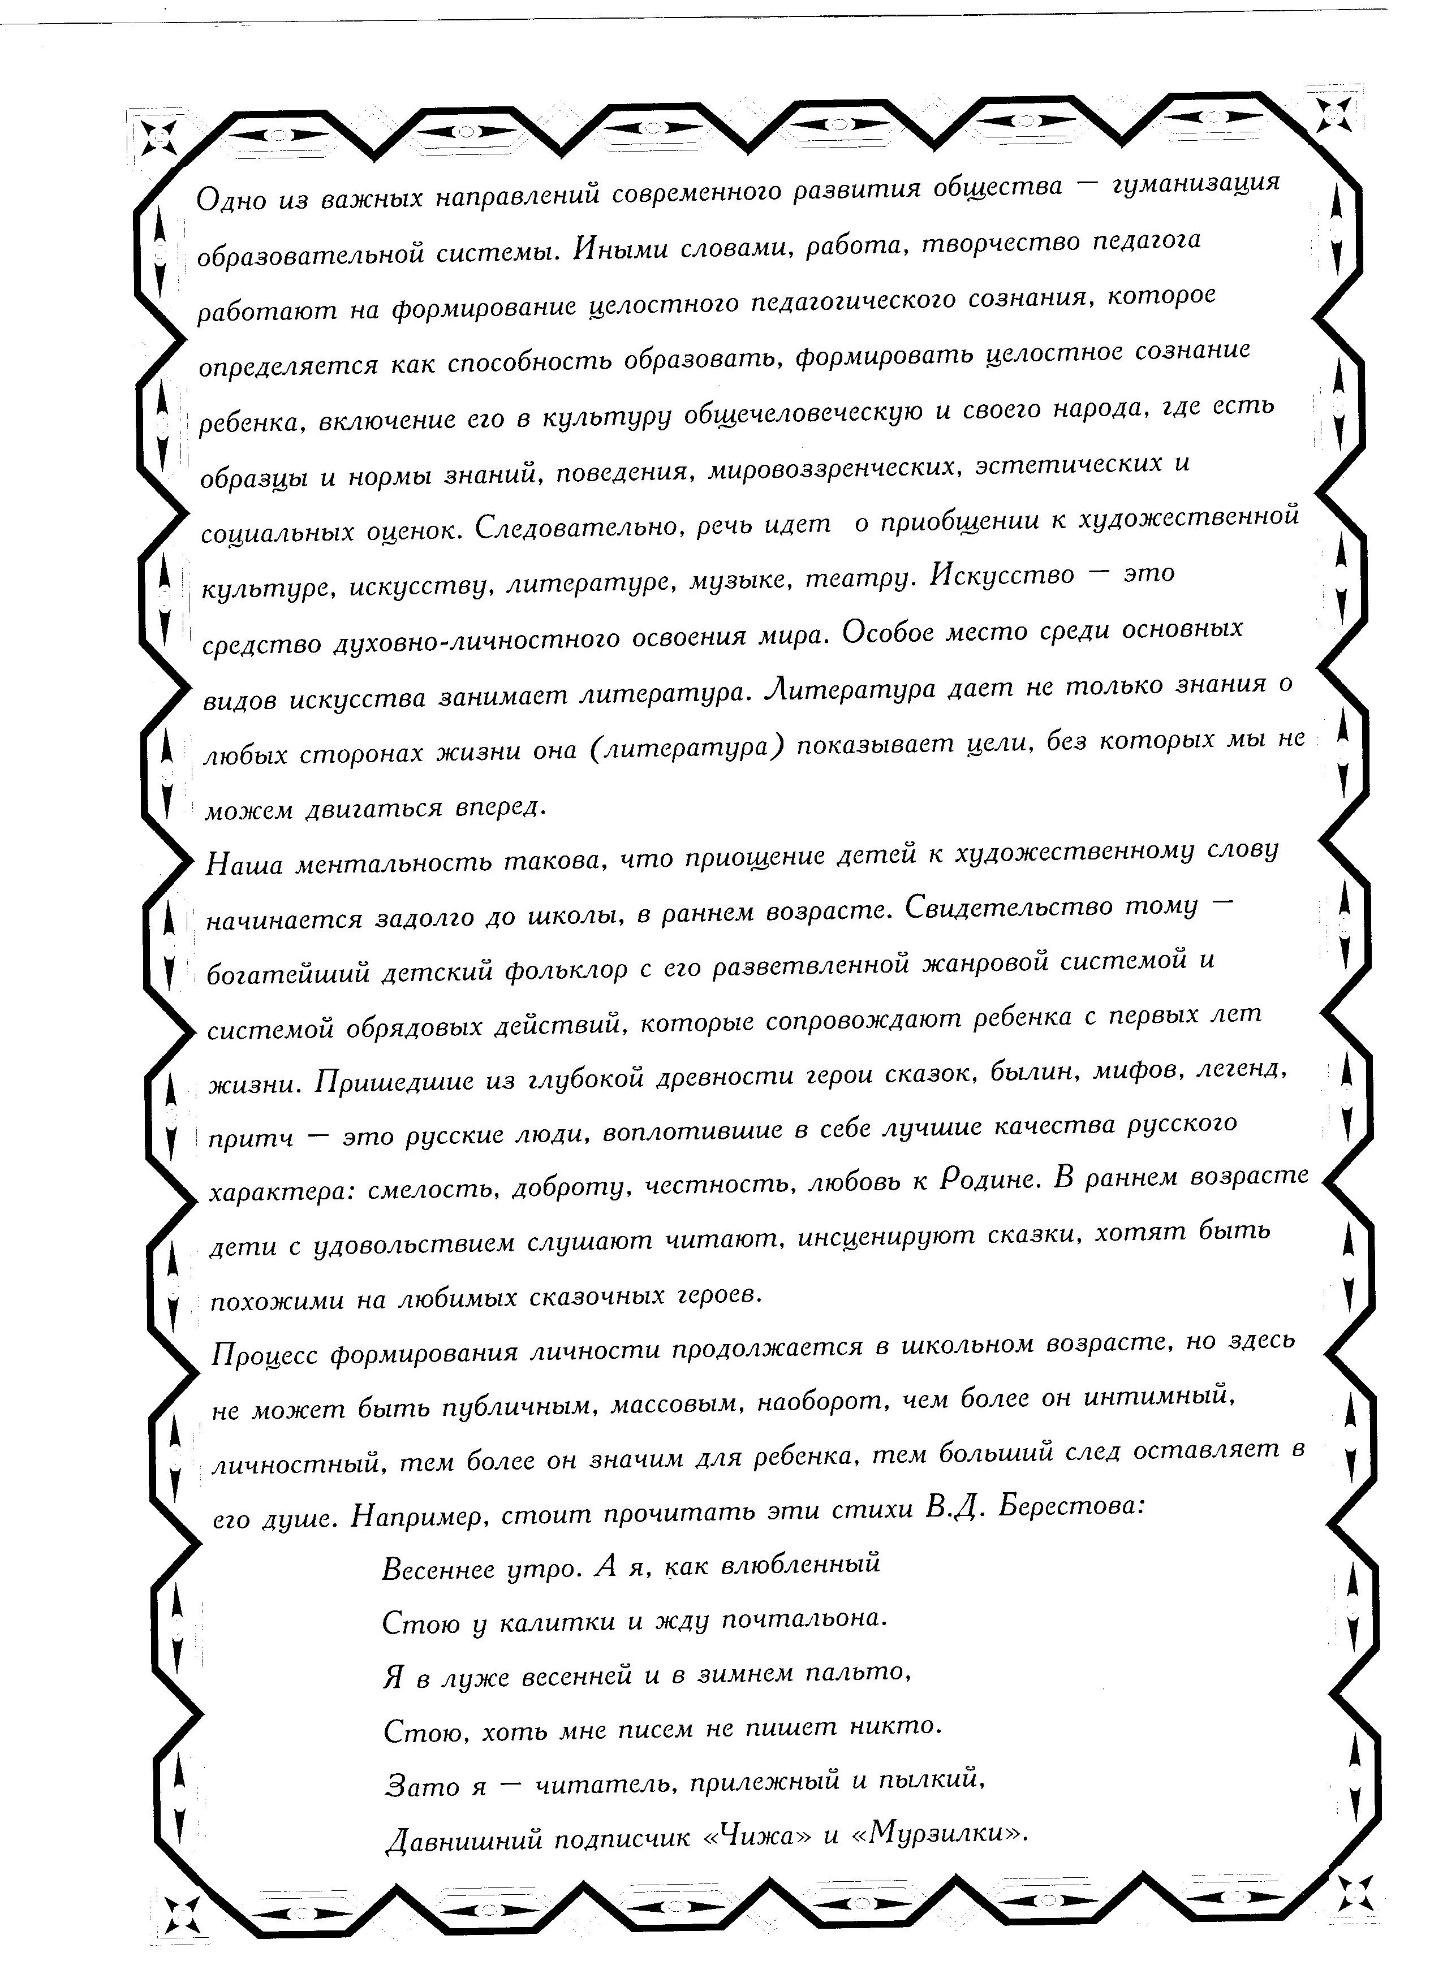 C:\Users\Ольга\Pictures\2014-08-11\006.jpg